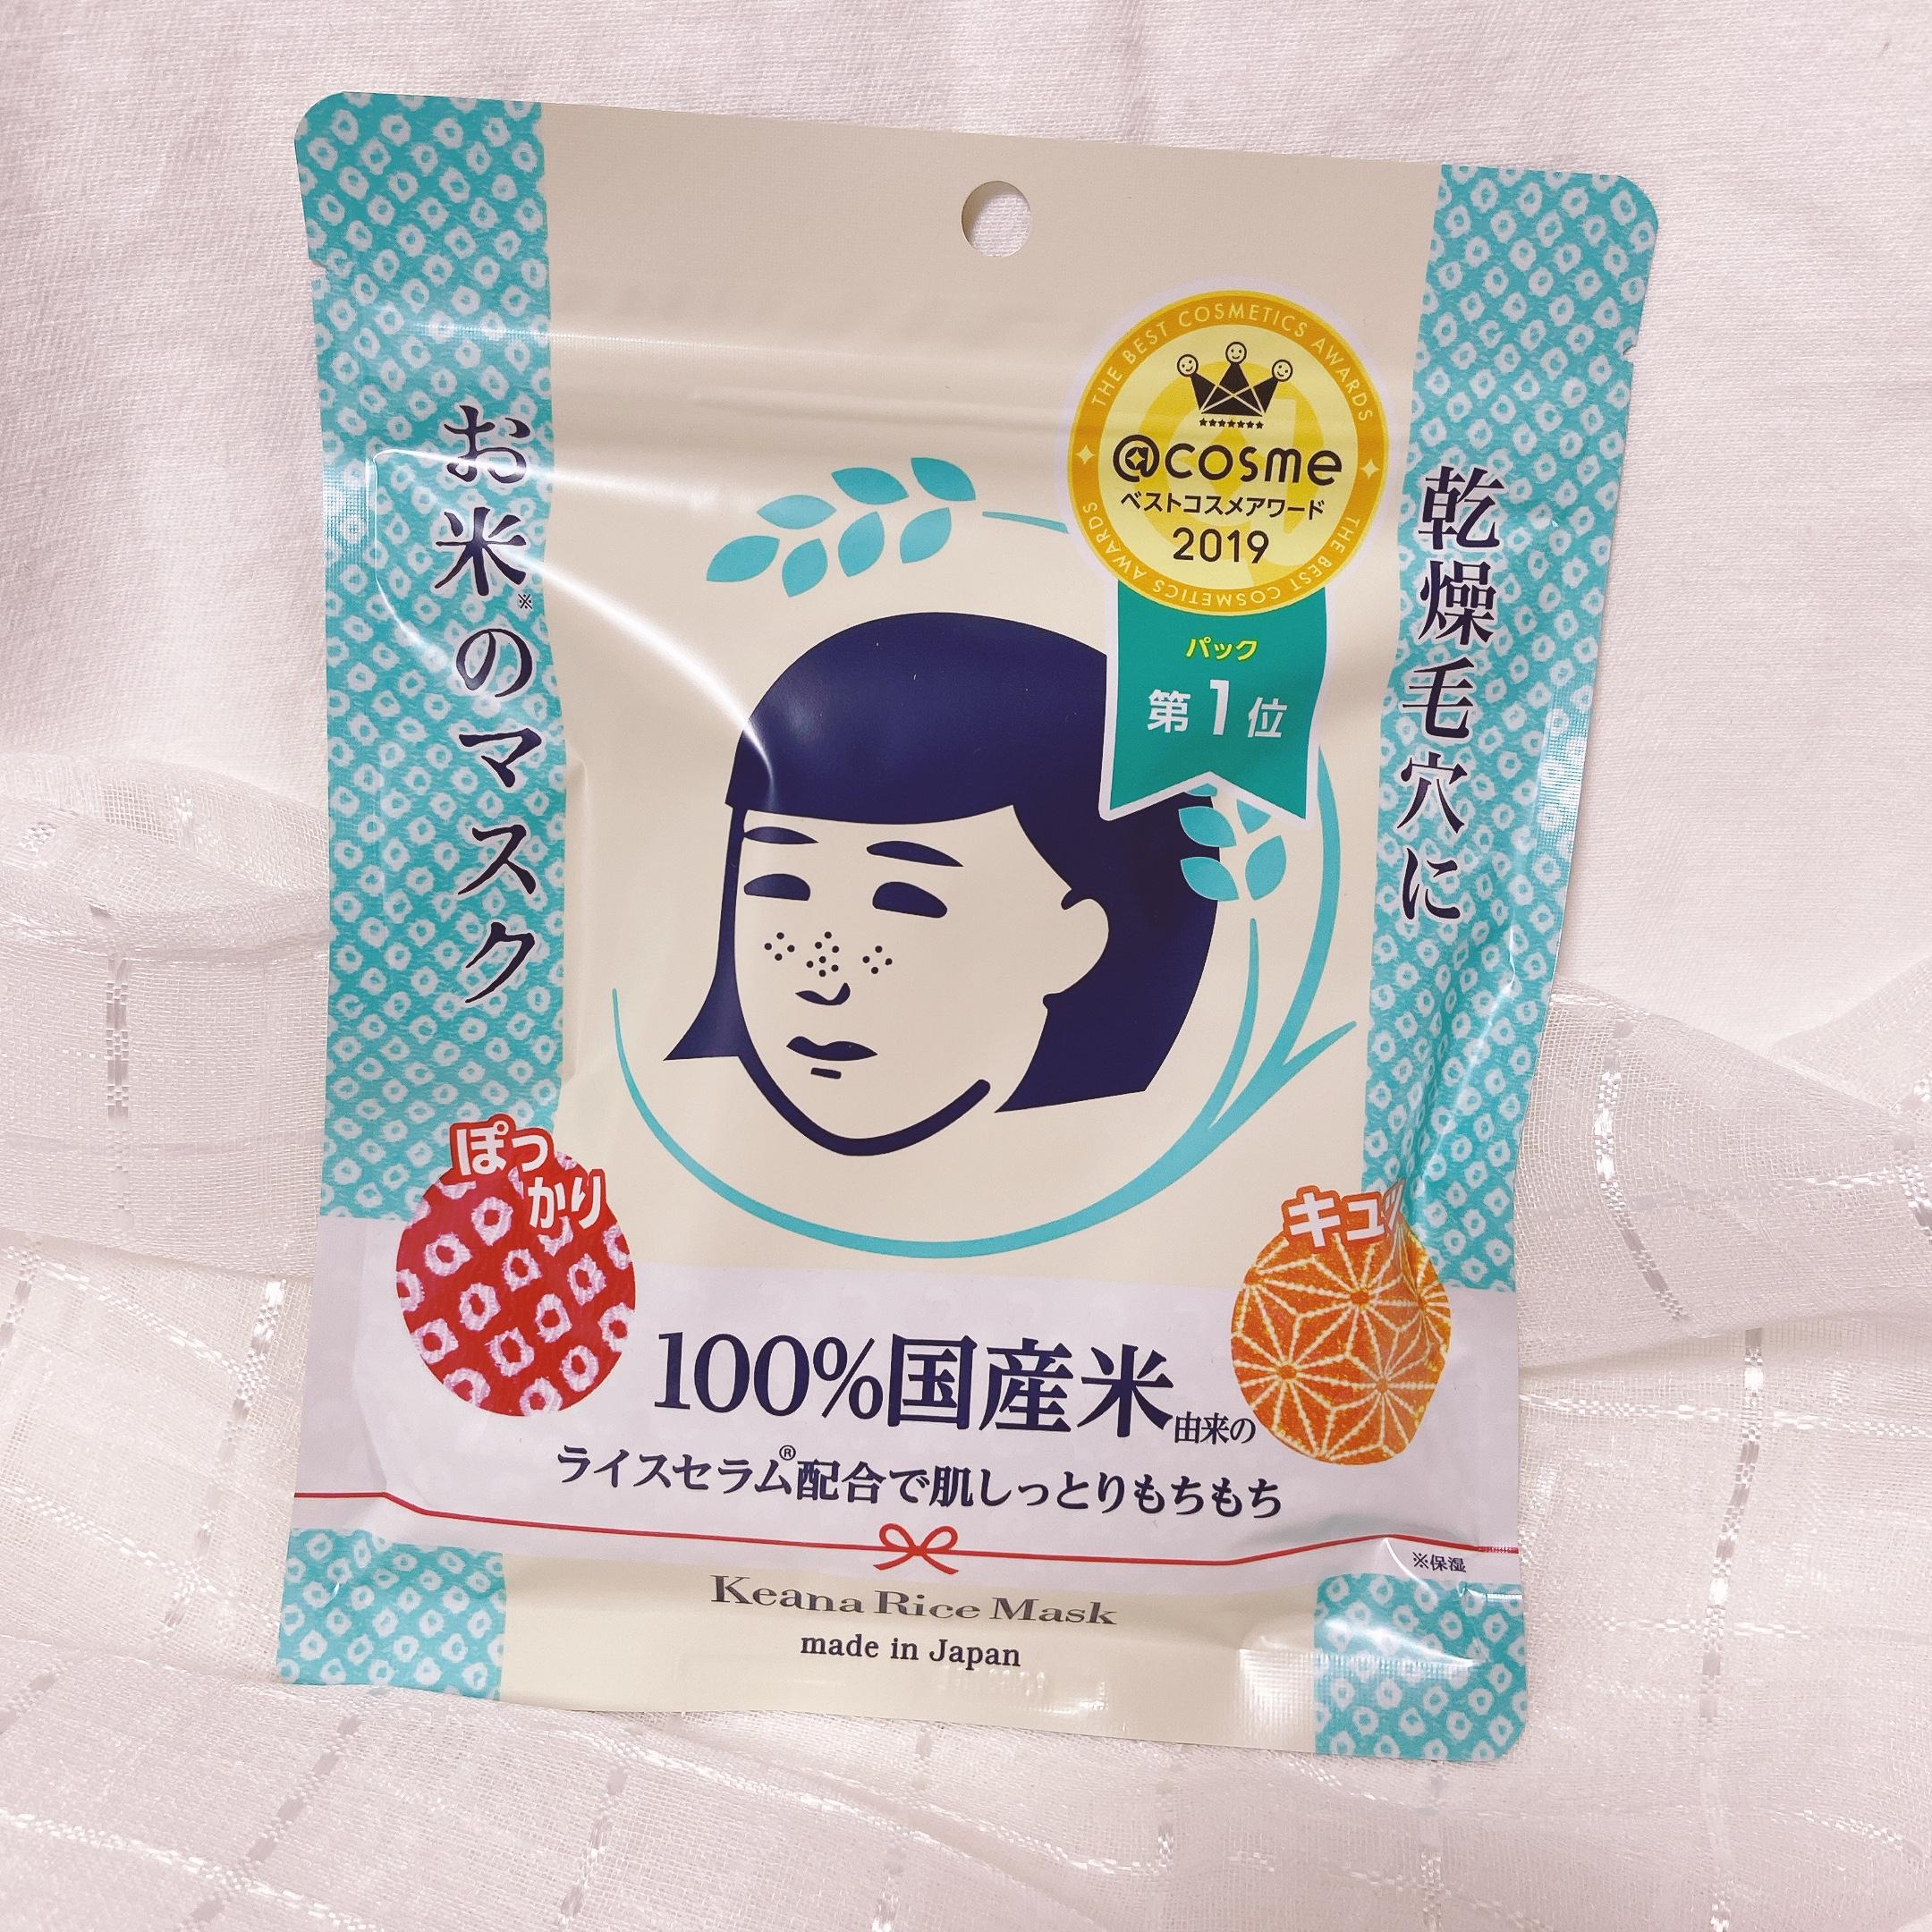 毛穴撫子(ケアナナデシコ) お米のマスク <シートマスク>の良い点・メリットに関するnanaさんの口コミ画像1